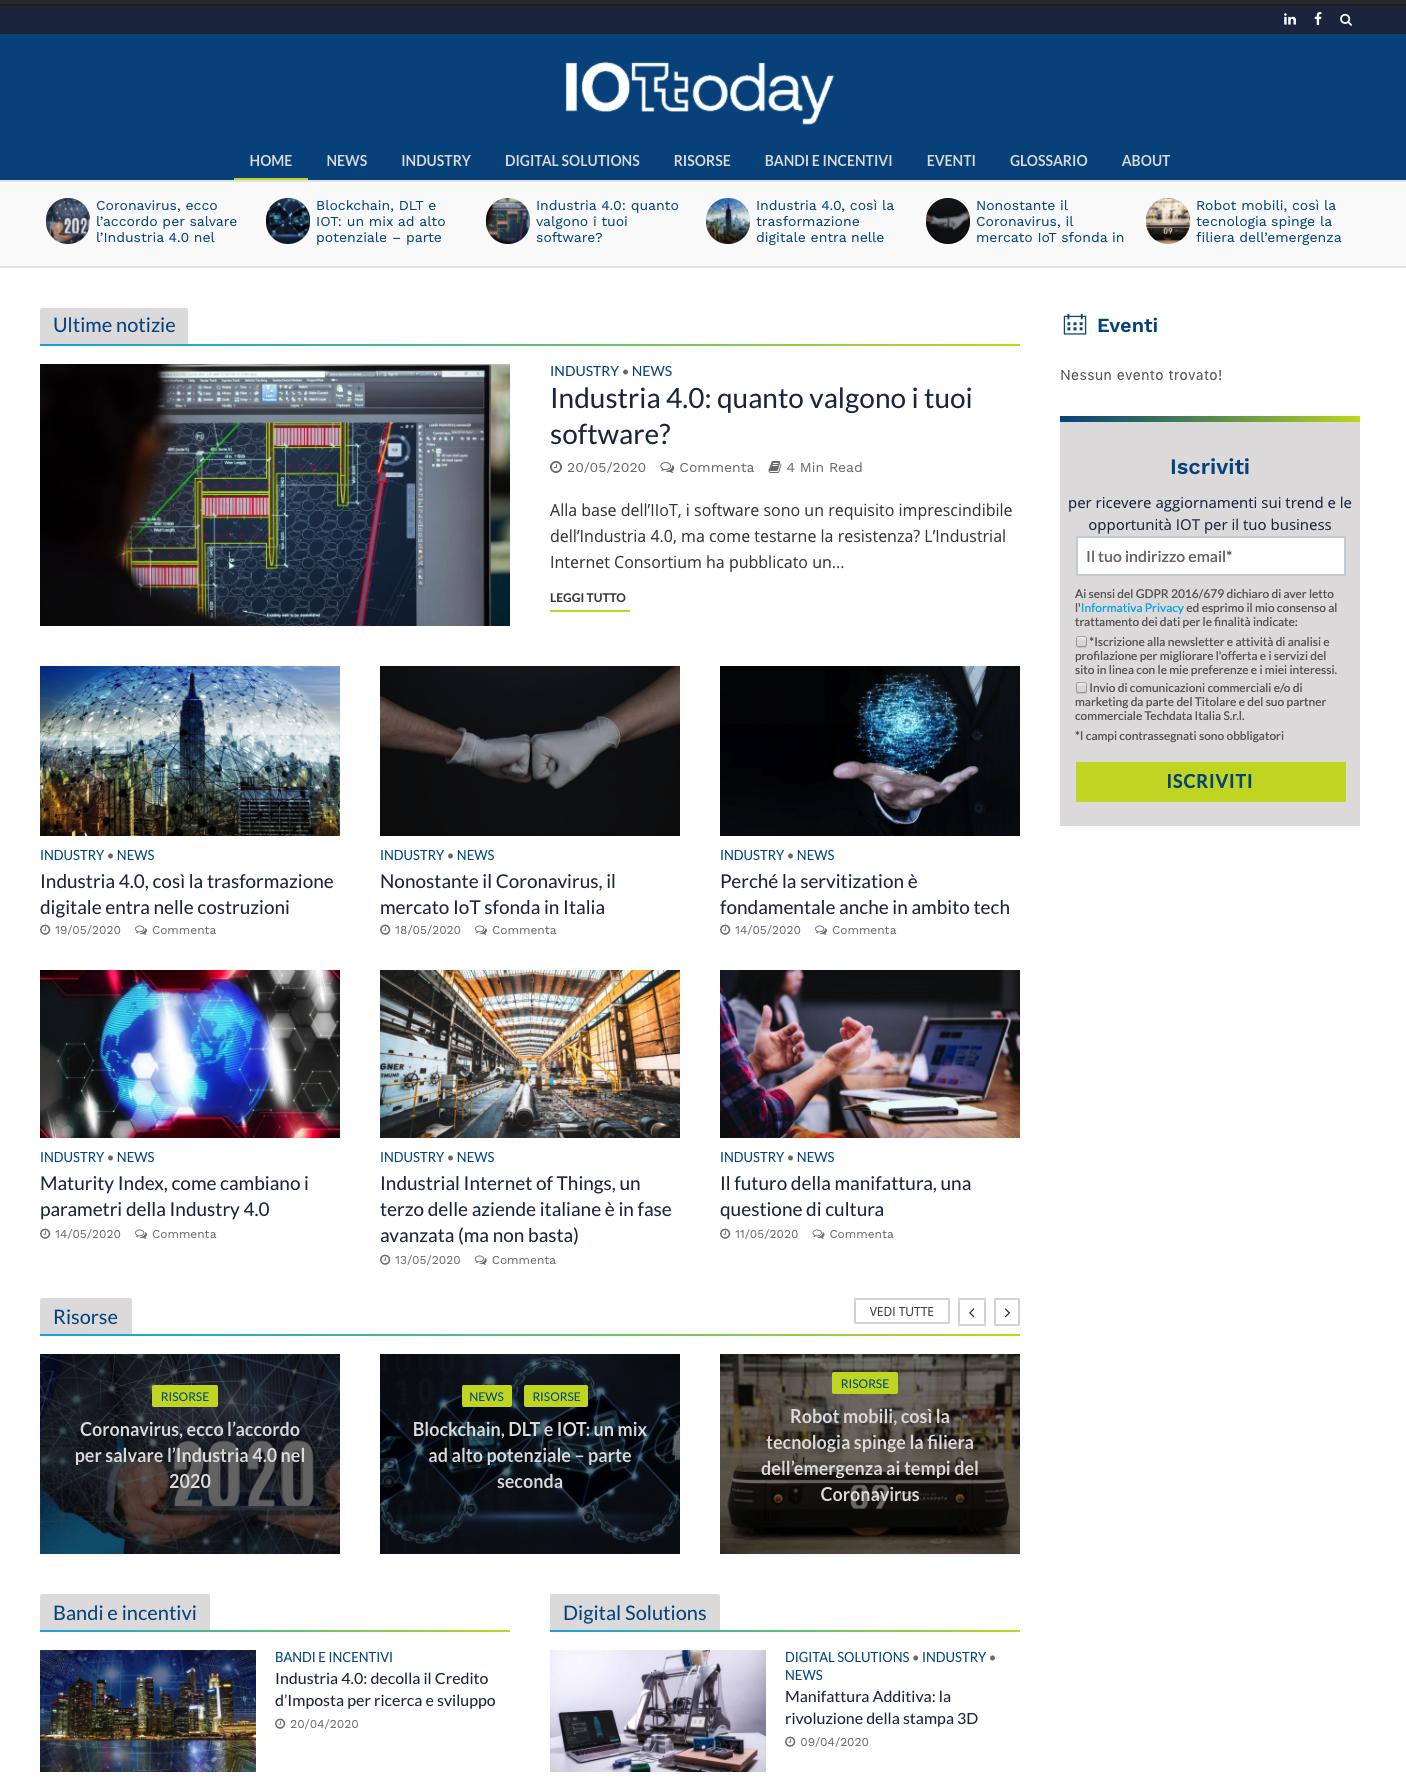 L'immagine presenta uno scrrenshot della homepage sito